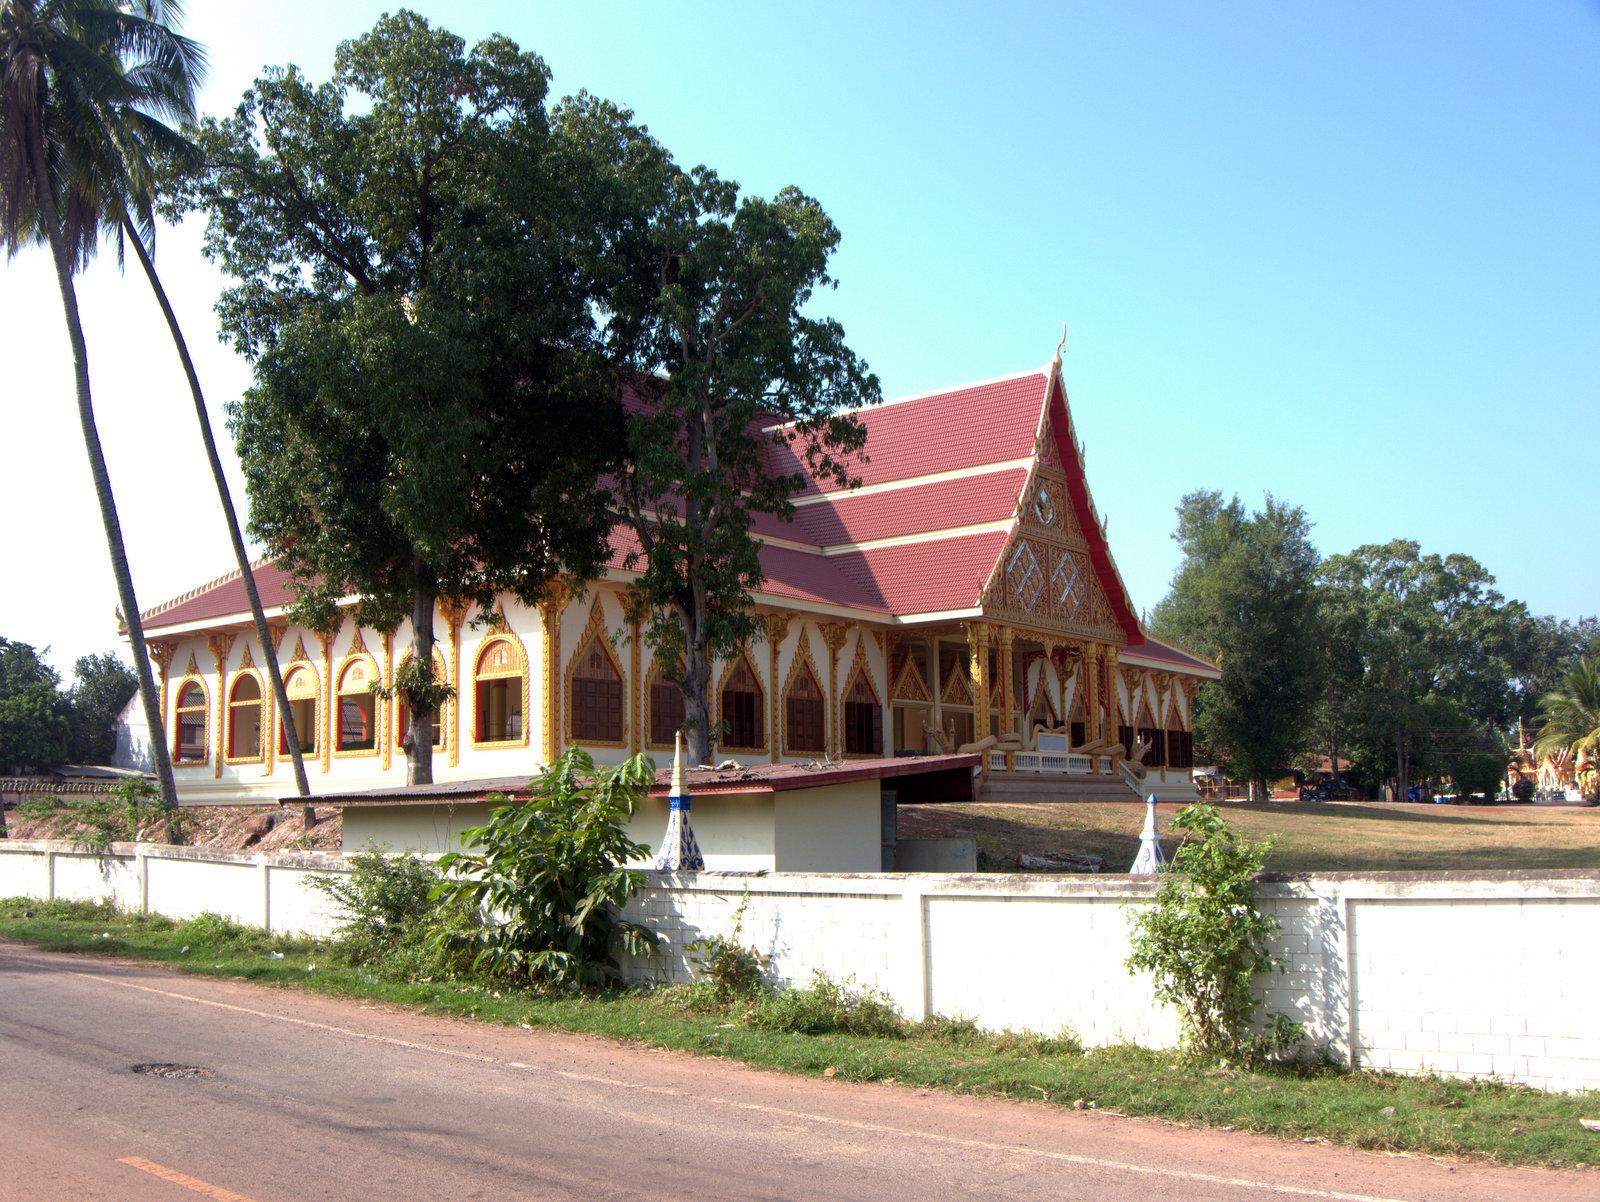 Kumphawapi Thailand  city photo : Click this link to see larger image